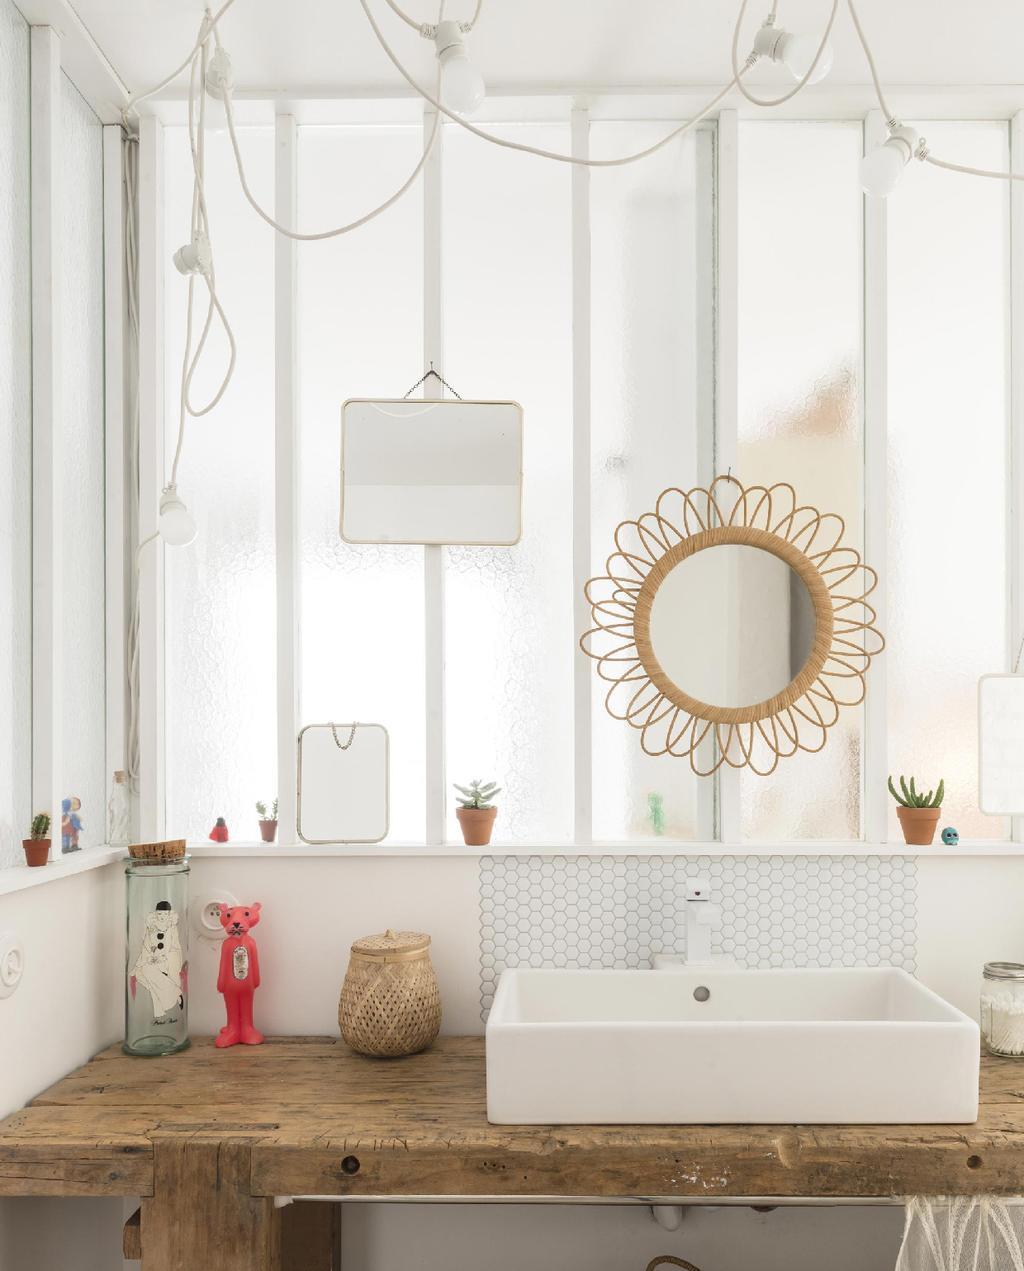 vtwonen 09-2015 | binnenkijken biarritz basic badkamer met rotan bloemspiegel